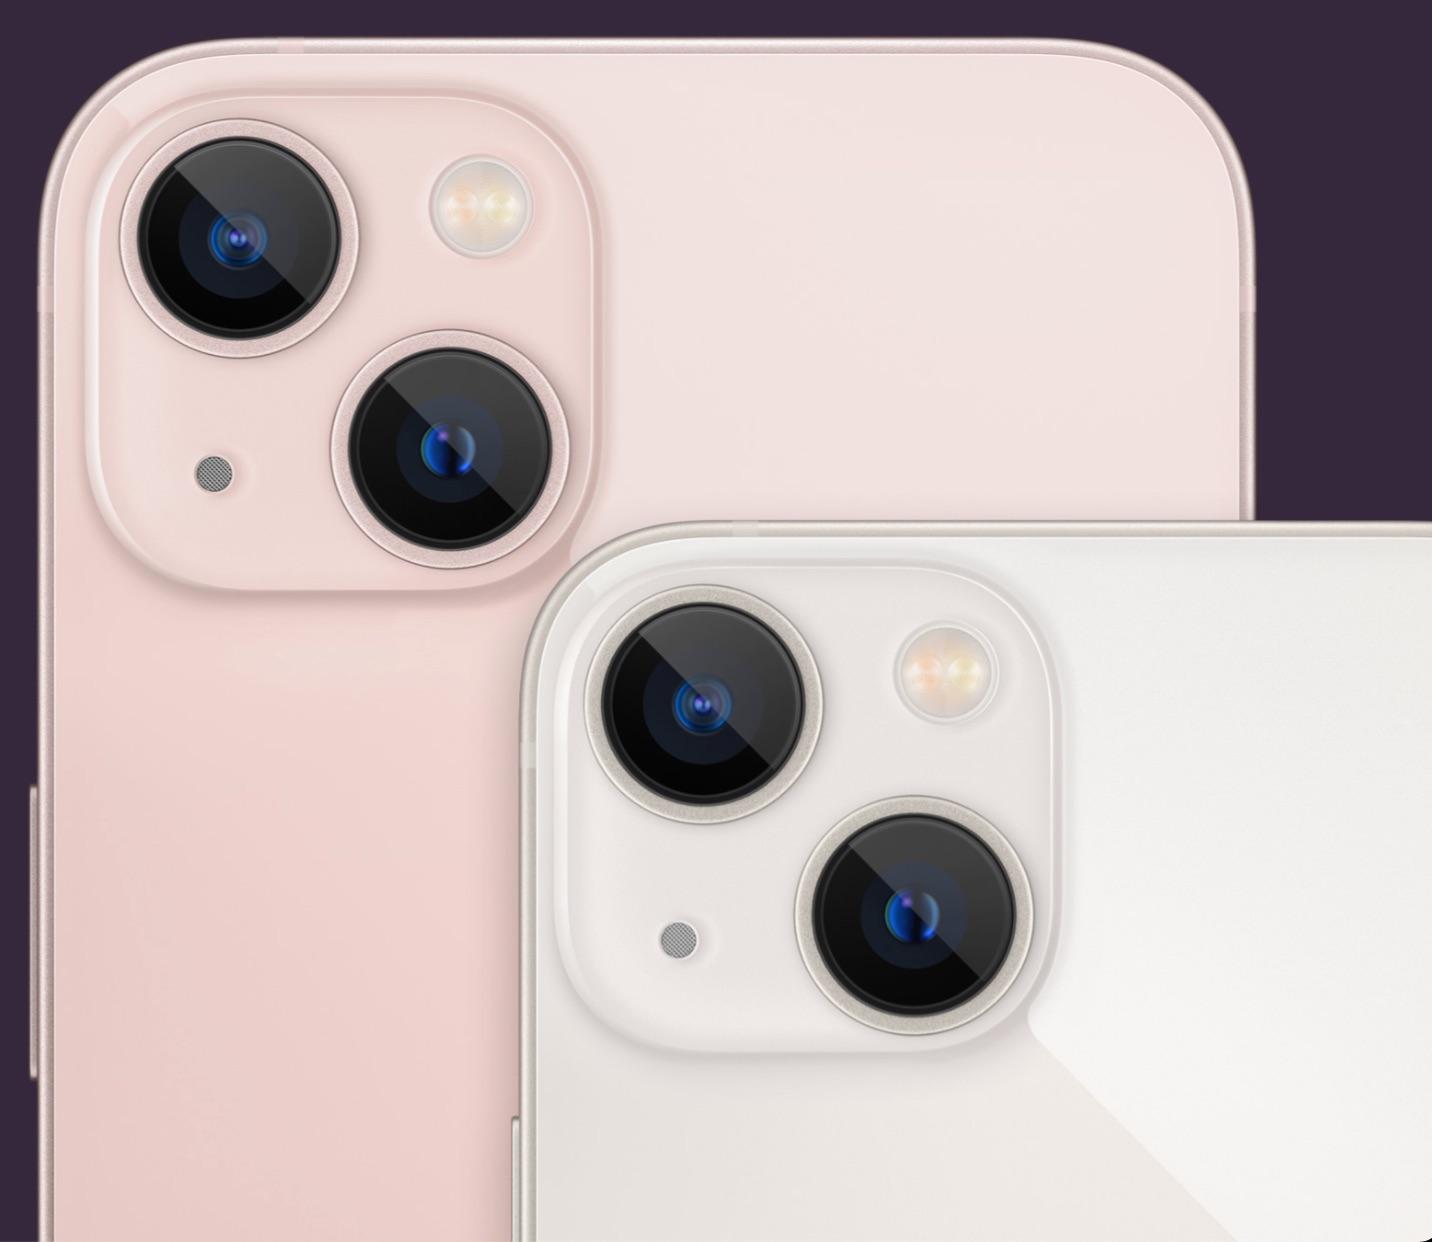 Cámaras traseras del iPhone 13 y iPhone 13 mini